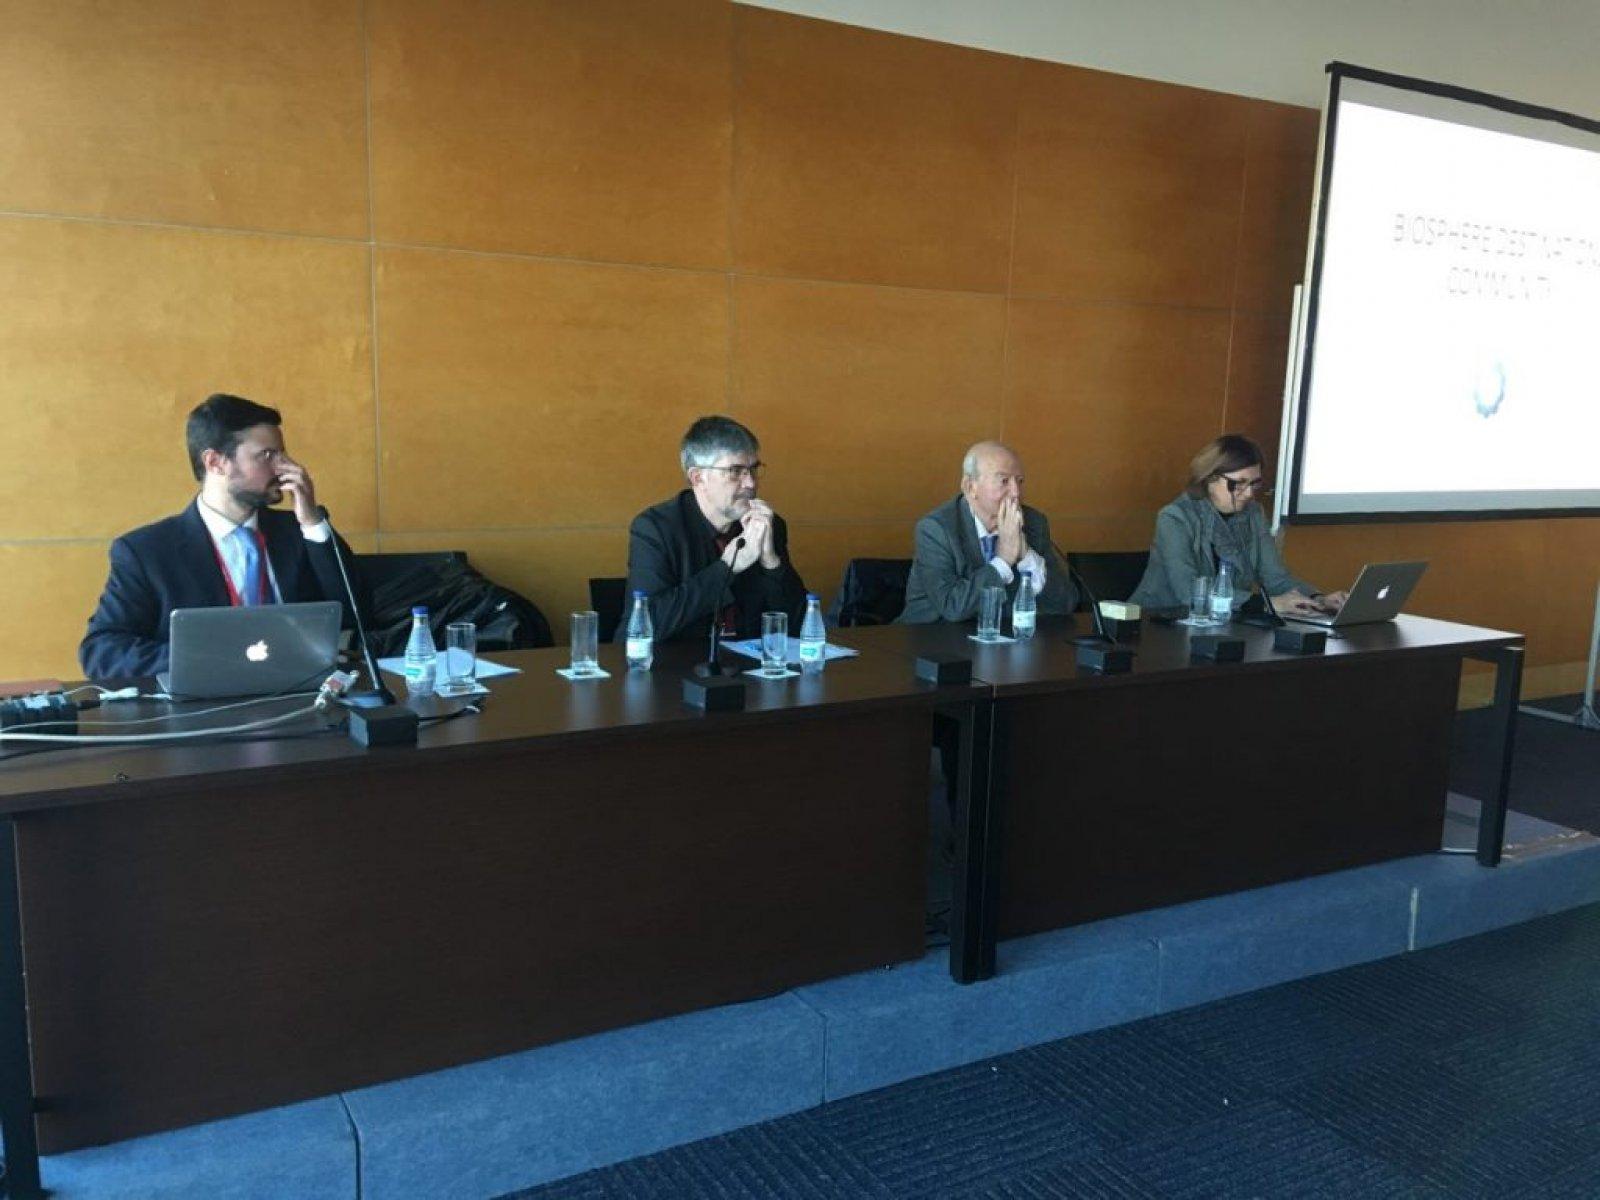 El regidor Agustí Colom (centre) amb representants de la Biosphere Destinations Community